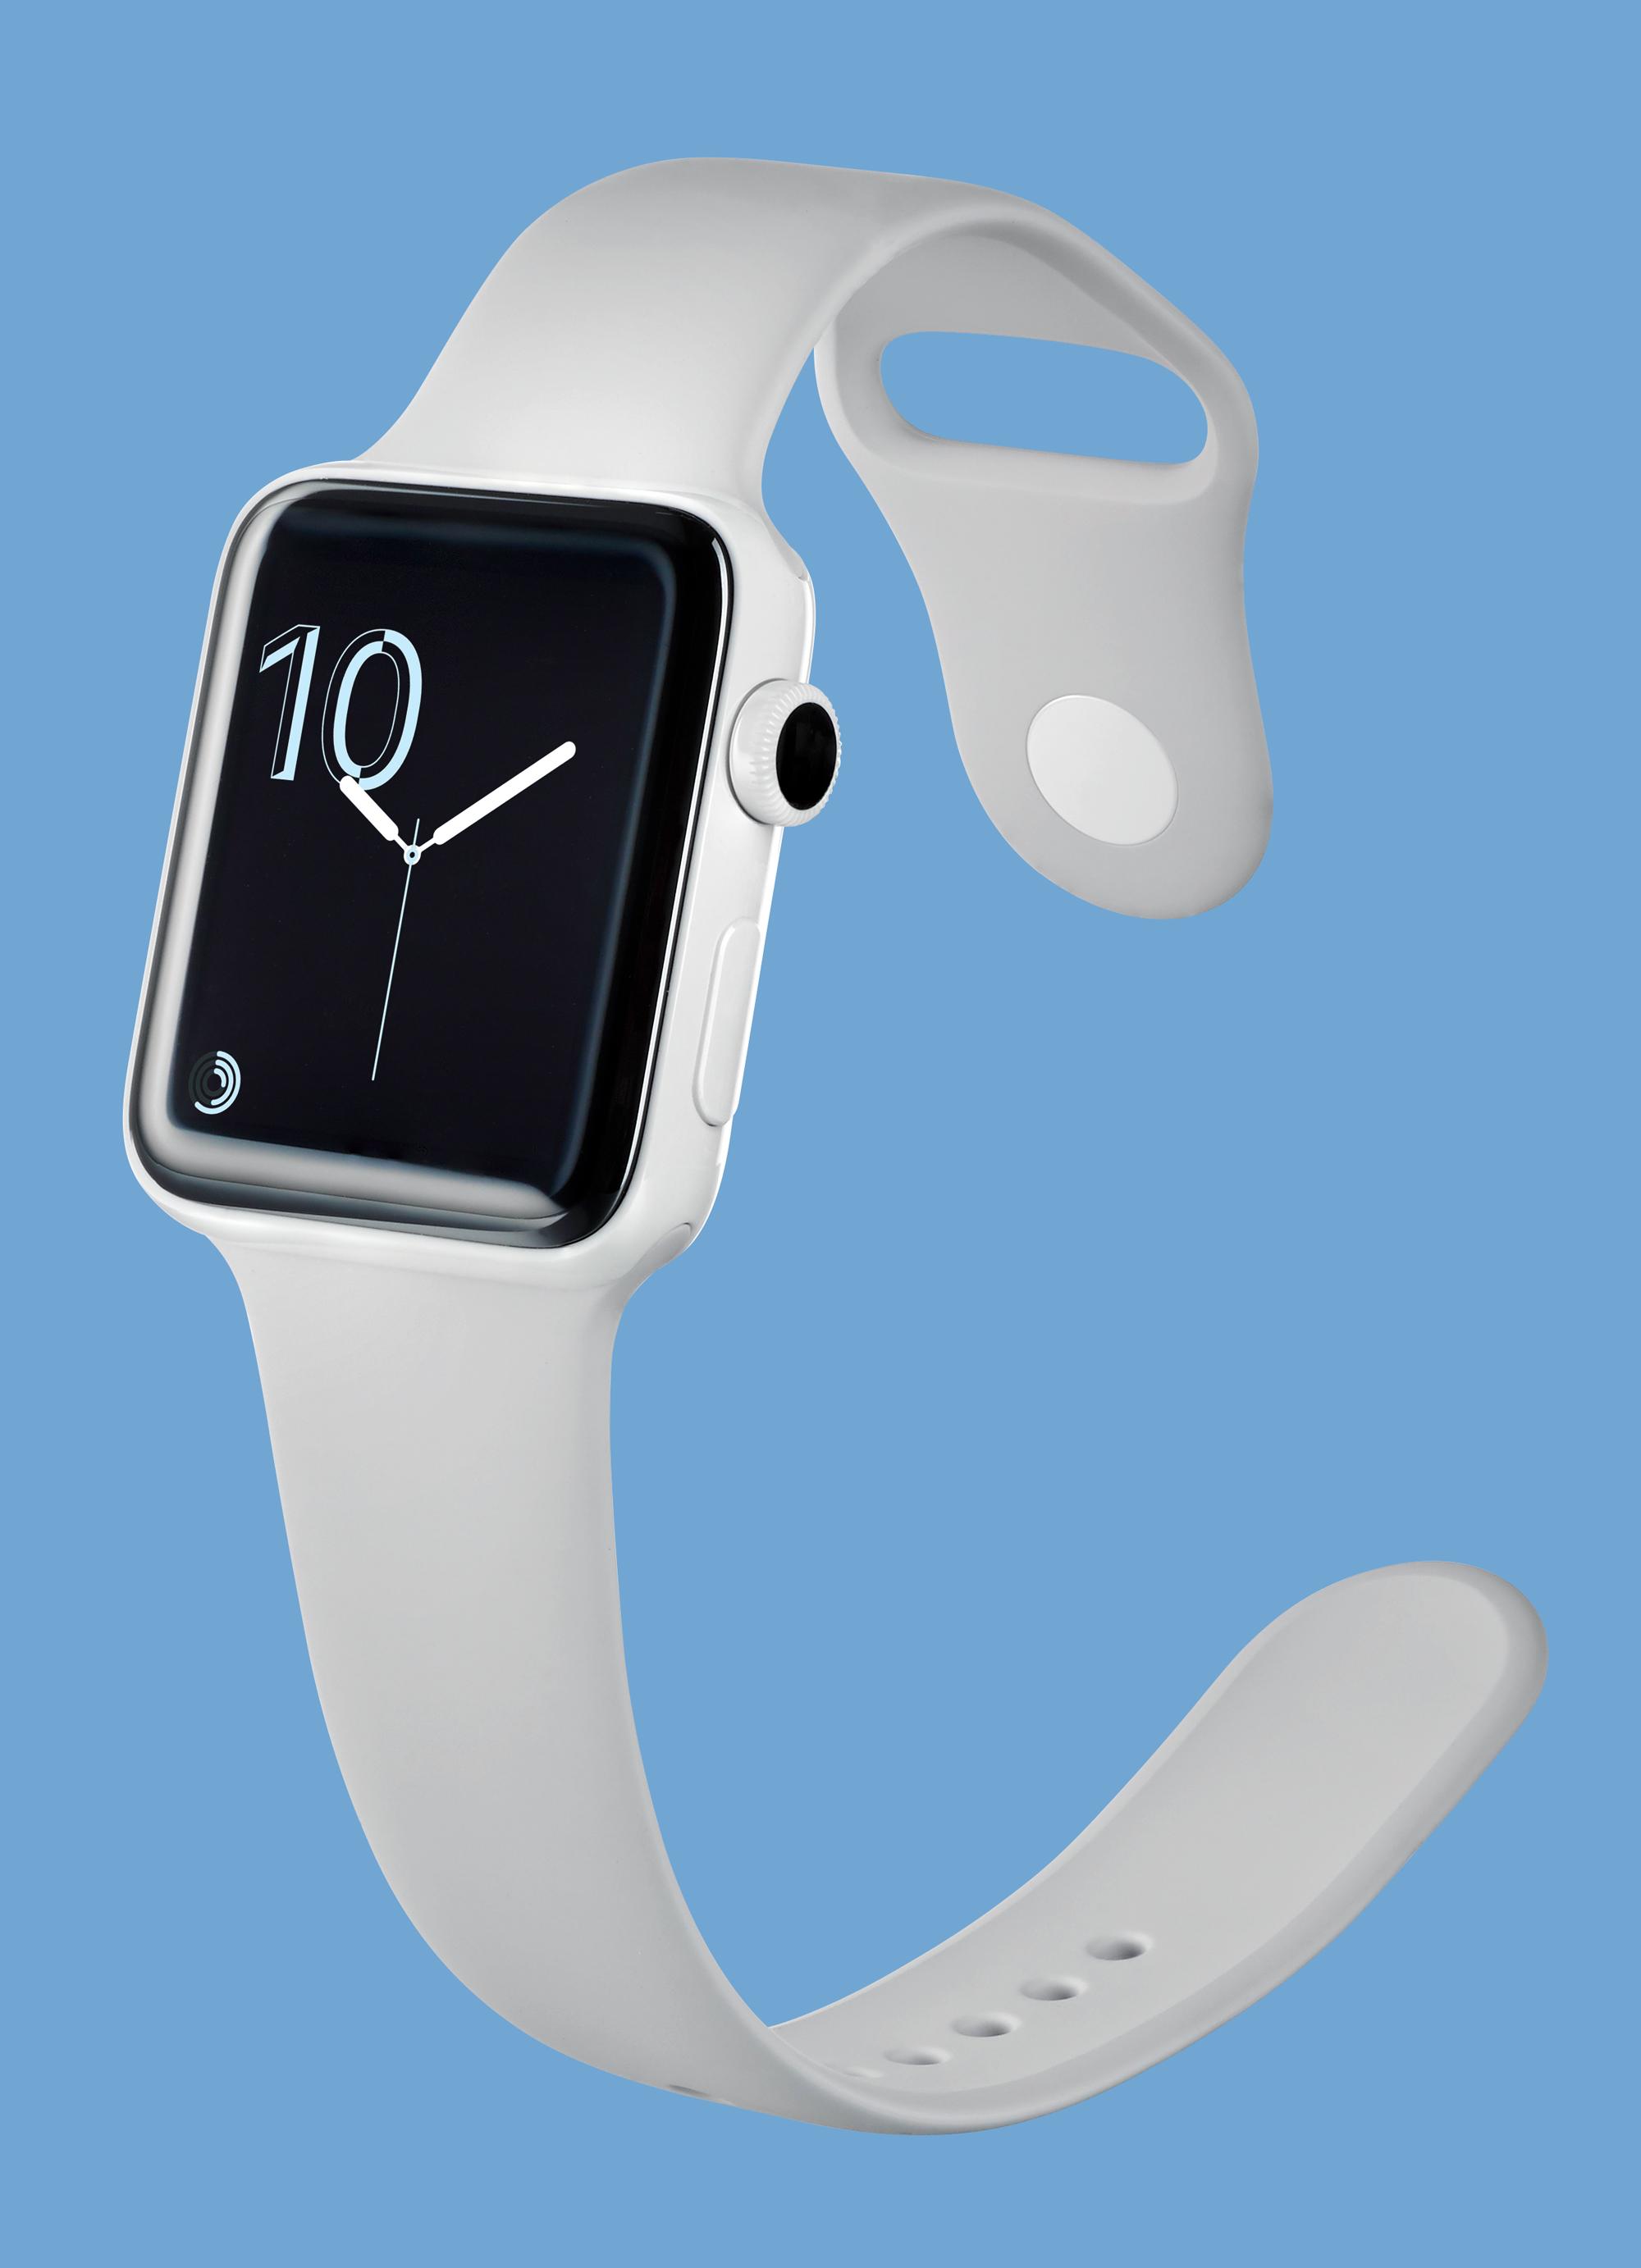 Dzięki wodoszczelnej obudowie ze smartwatcha Apple można bez przeszkód korzystać np. na basenie.